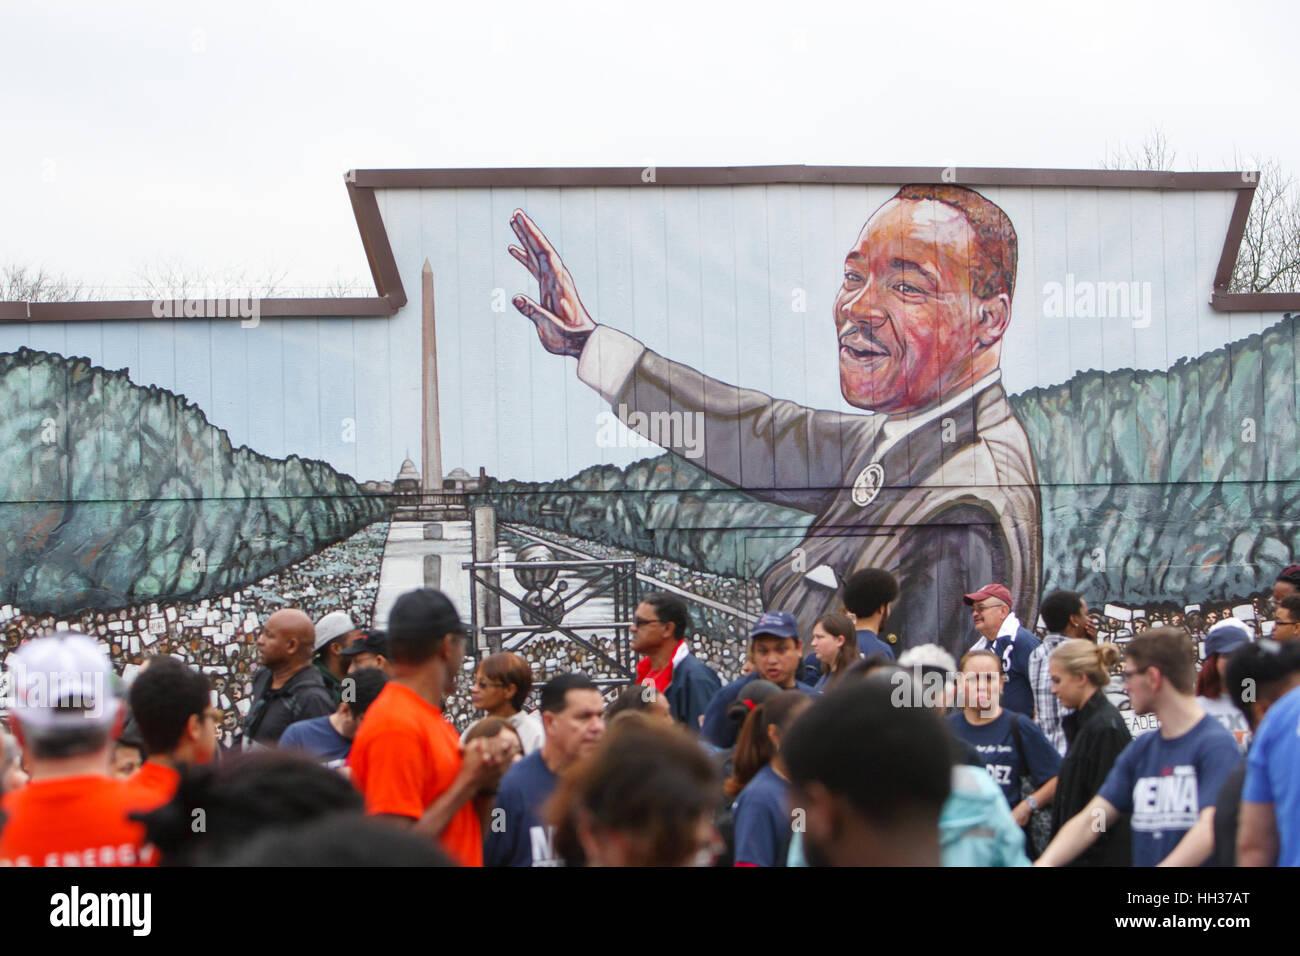 San Antonio, EE.UU.. El 16 de enero de 2017. Manifestantes de pie delante de un mural de Martin Luther King, Jr. Foto de stock